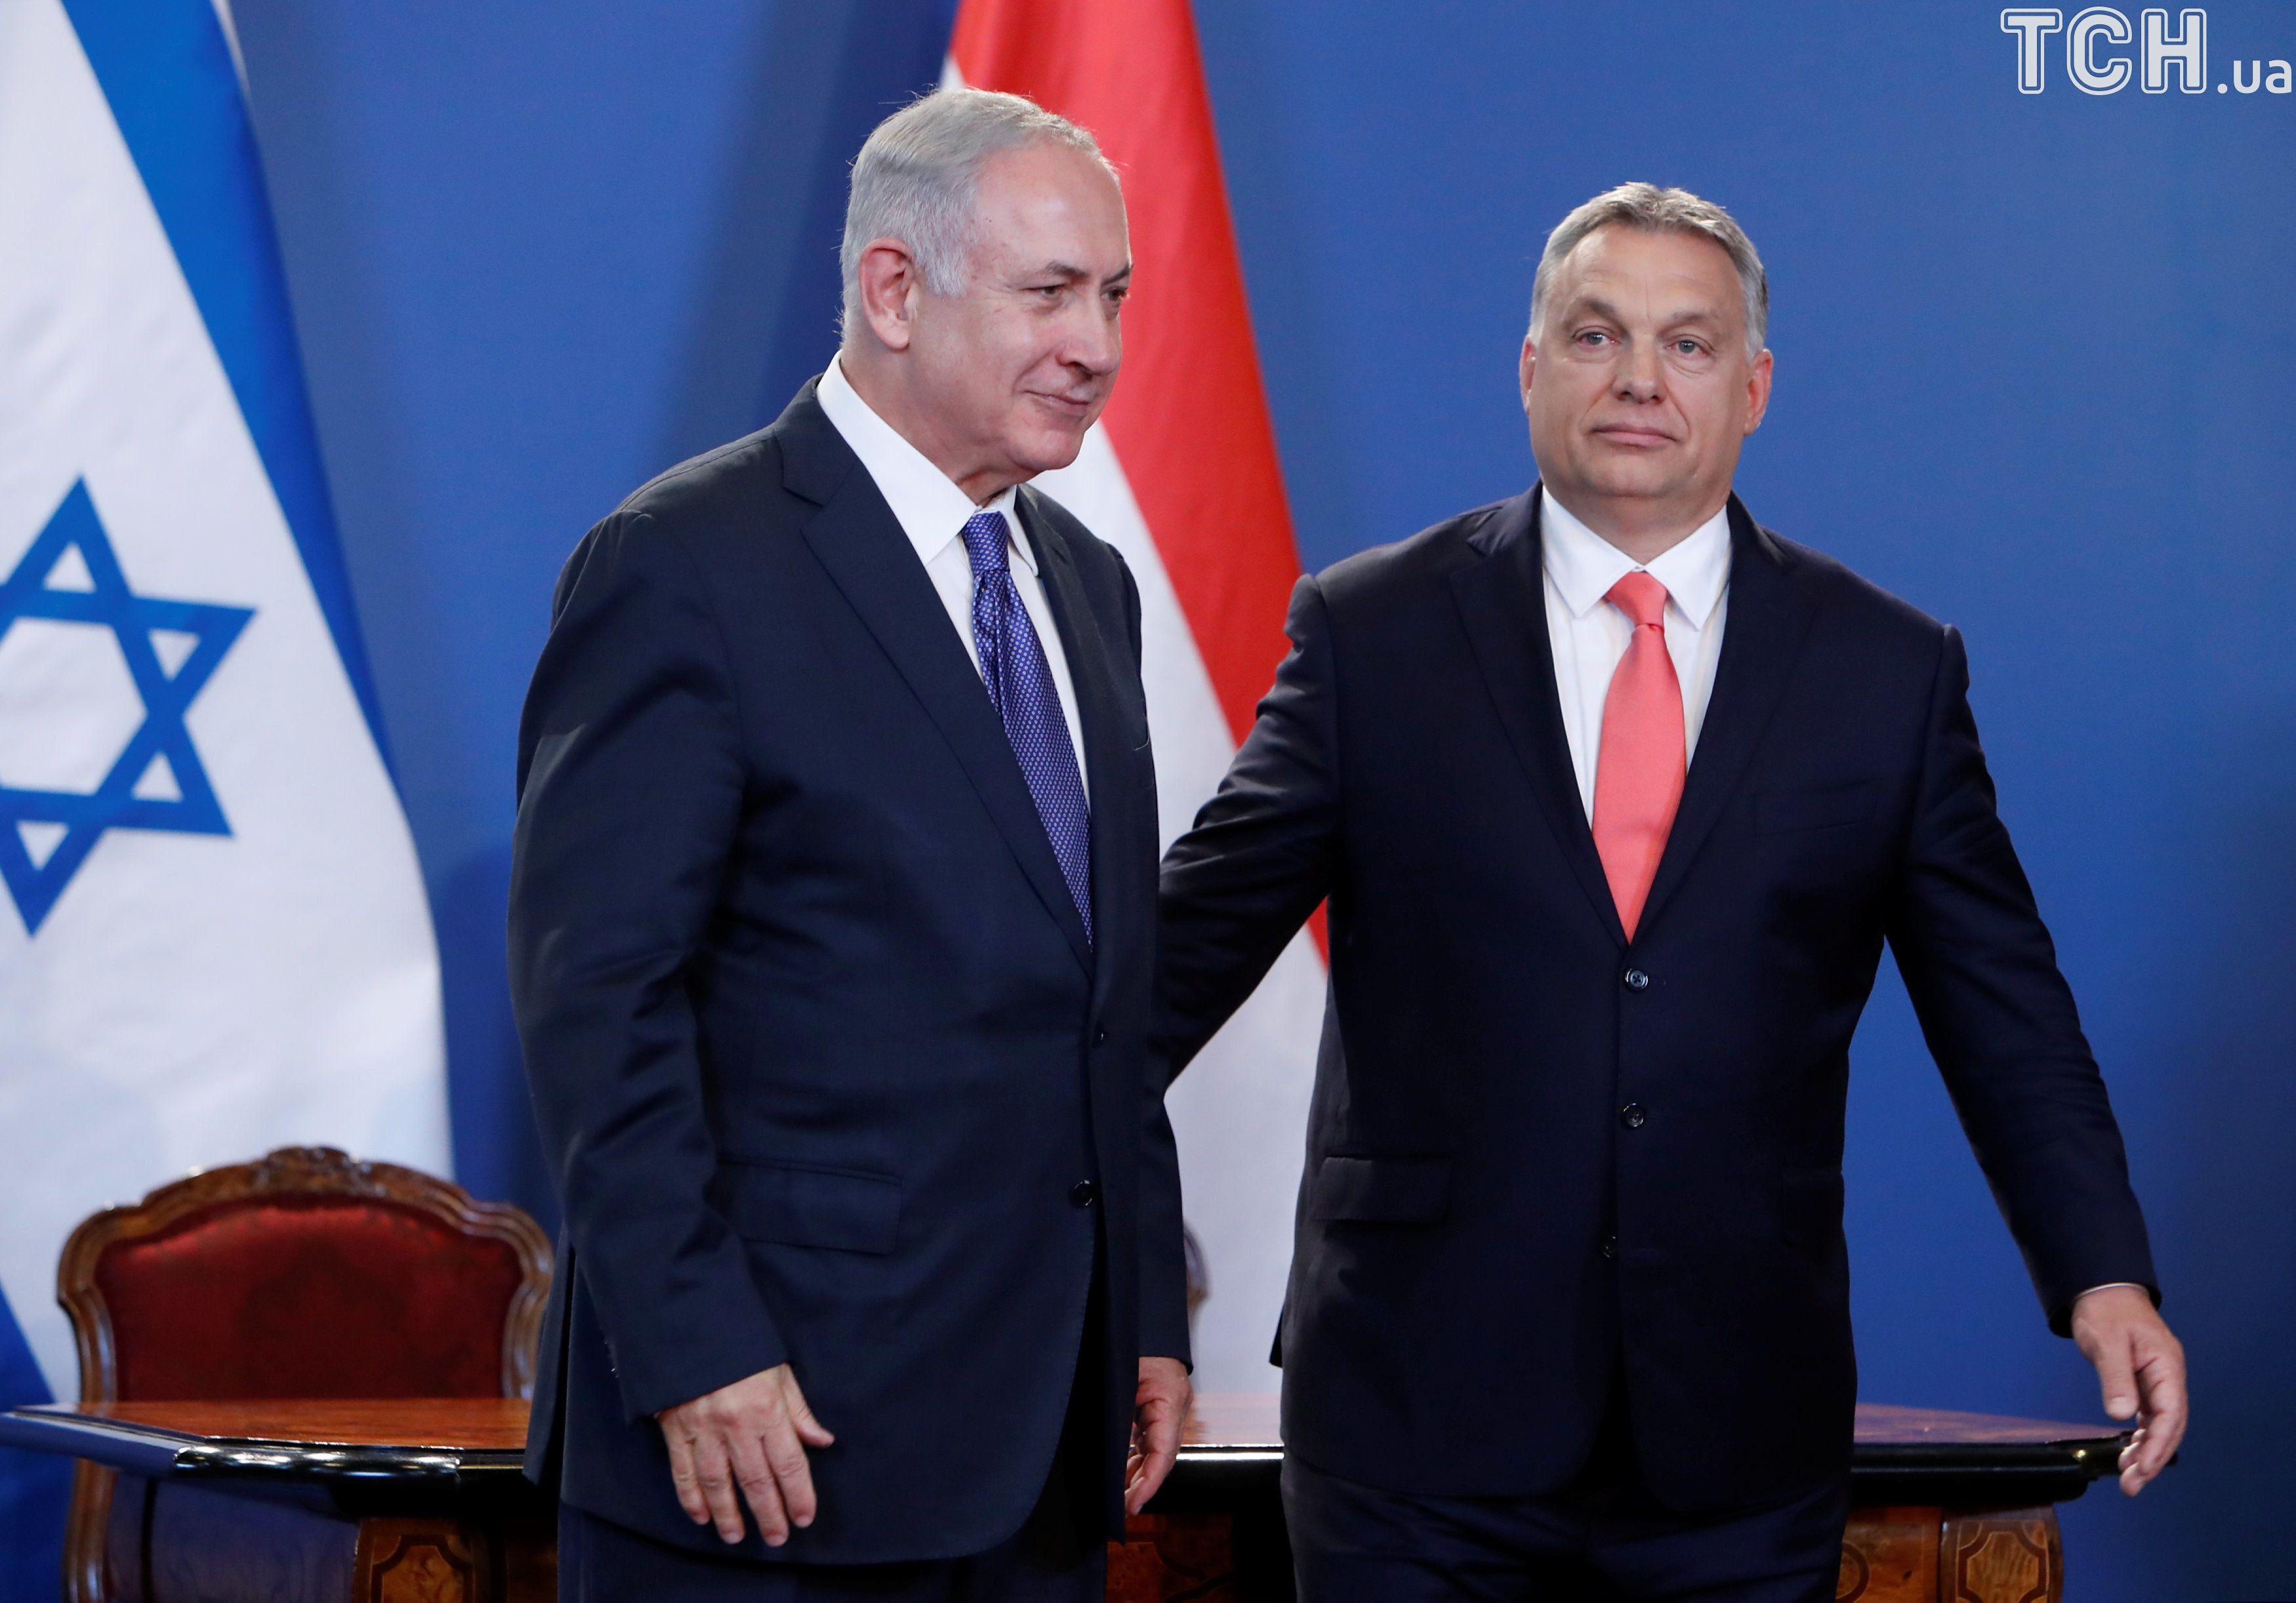 Прем'єр-міністр Угорщини Орбан та прем'єр-міністр Ізраїлю Беньямін Нетаньягу 2